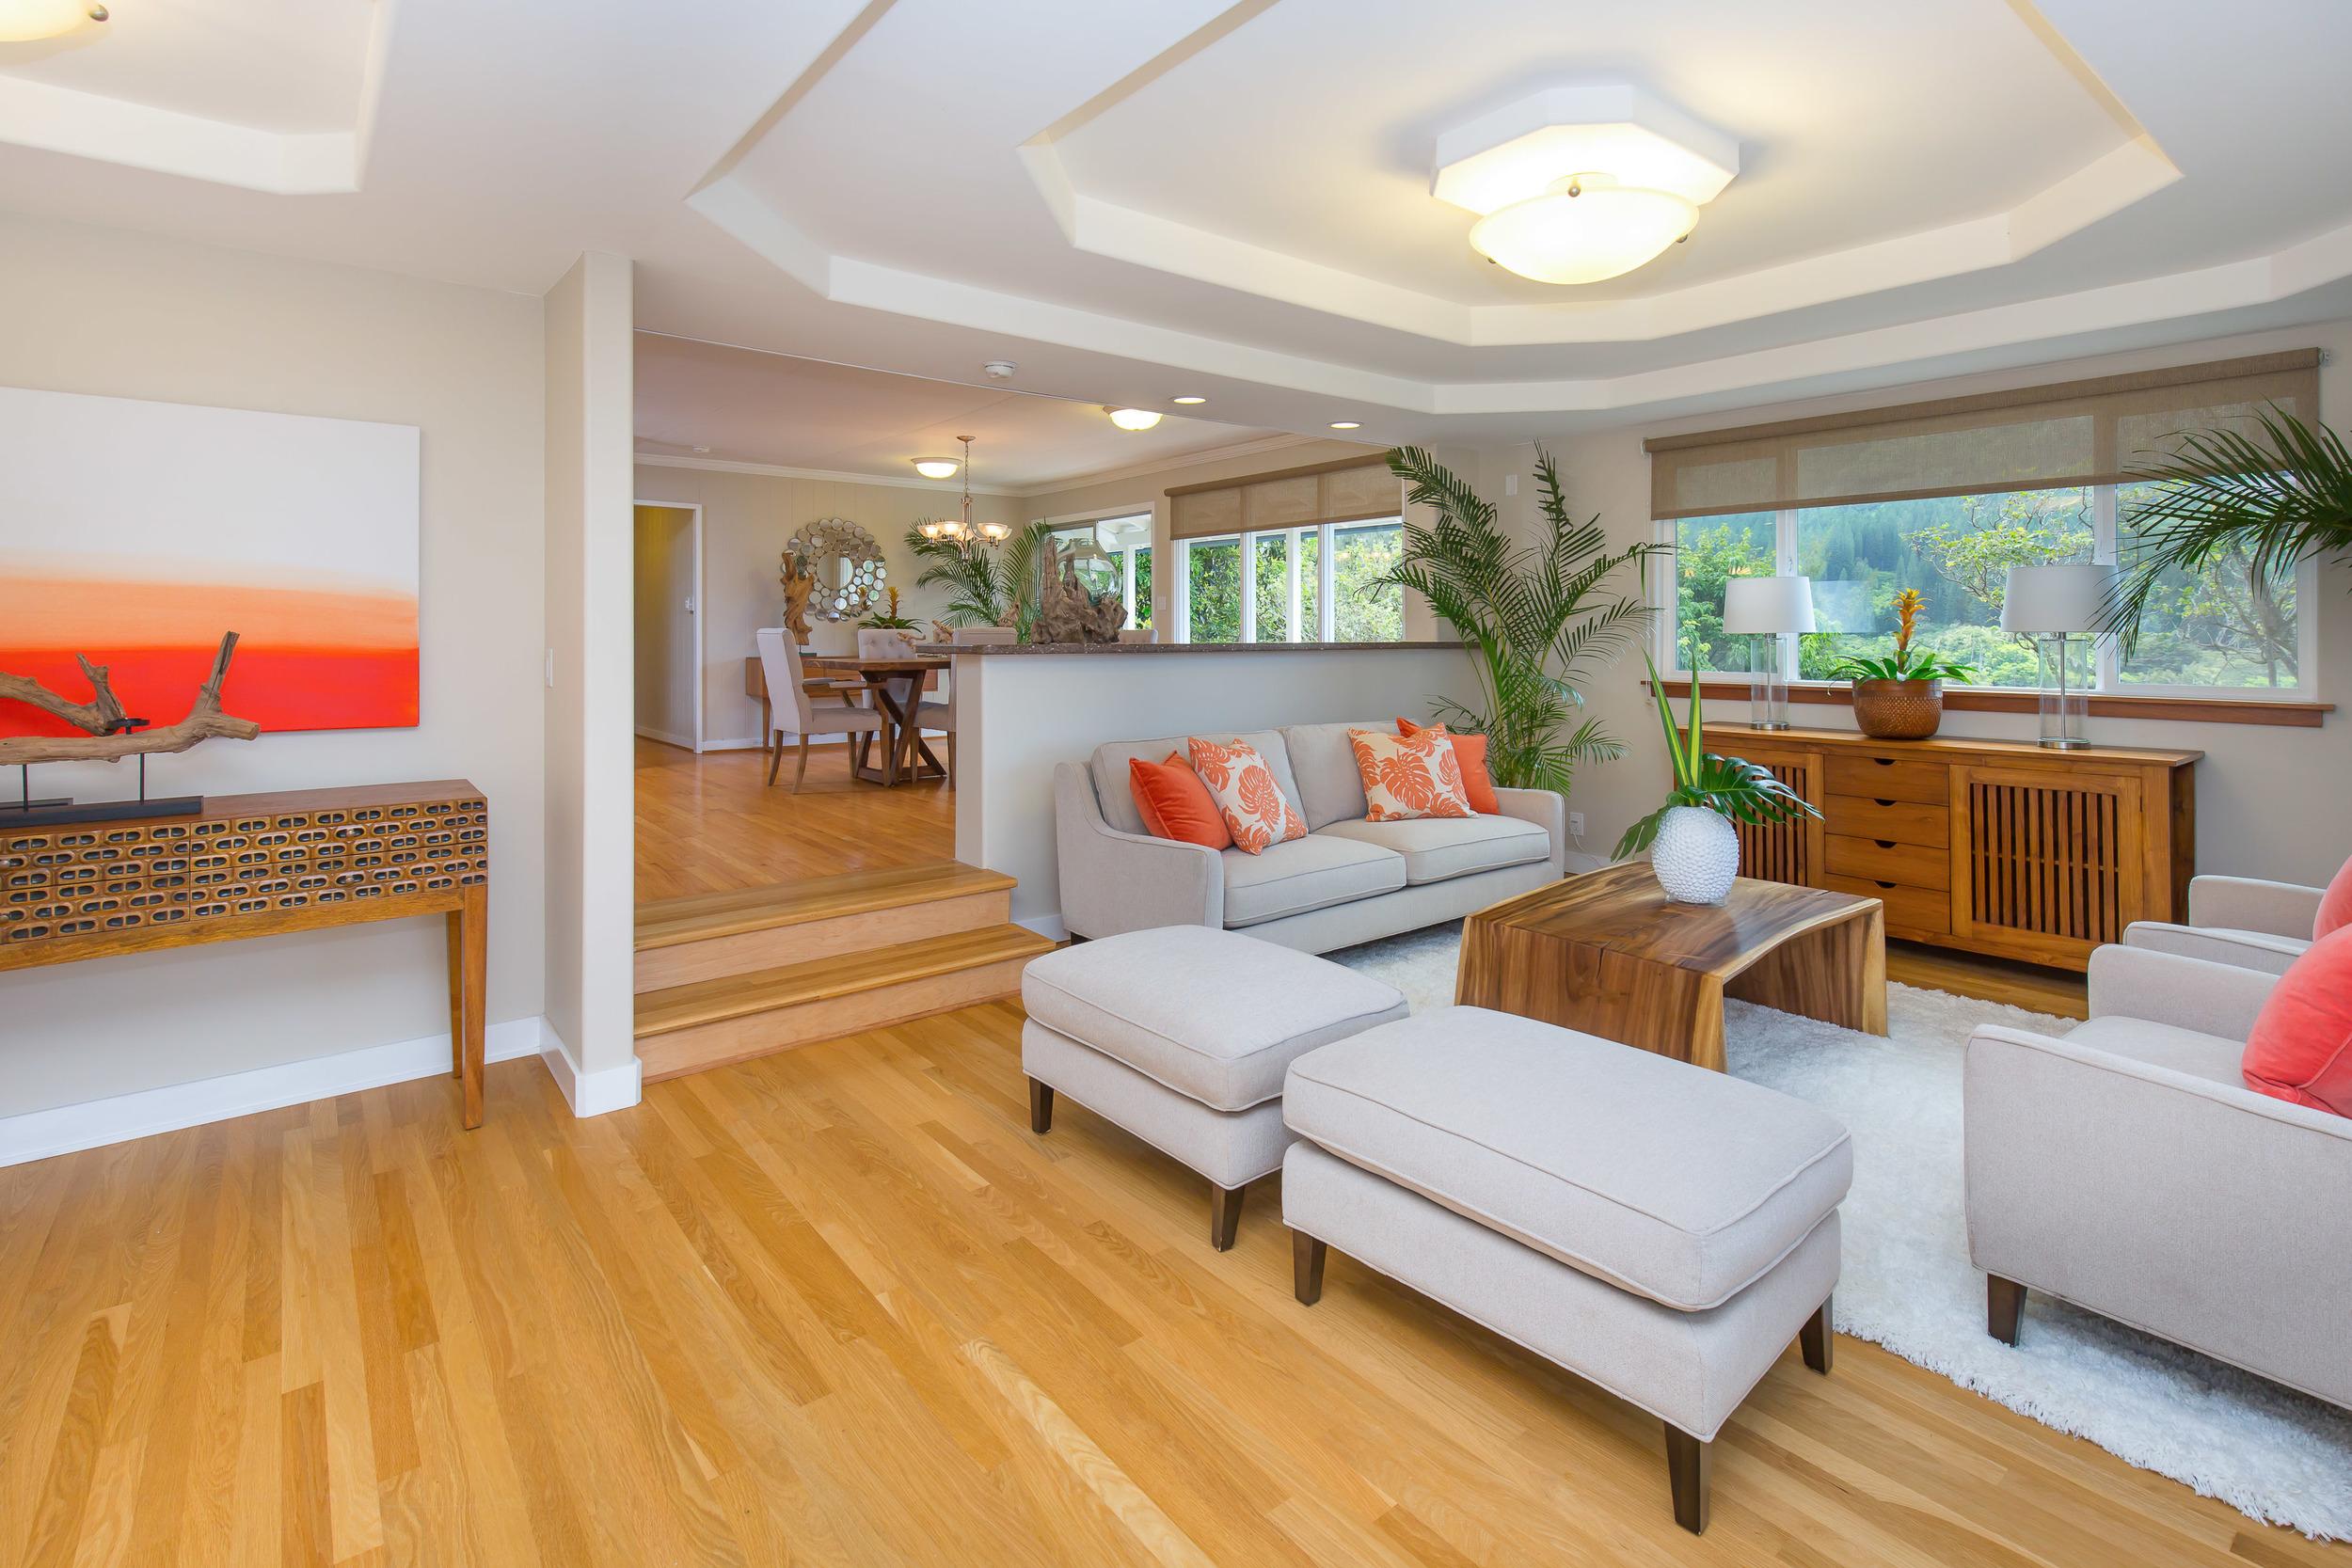 Inouye Interiors LLC, Best Home Stagers Hawaii, Home Stagers in Hawaii, Stagers Hawaii, Home Stager Hawaii, Luxury Home Stager Hawaii